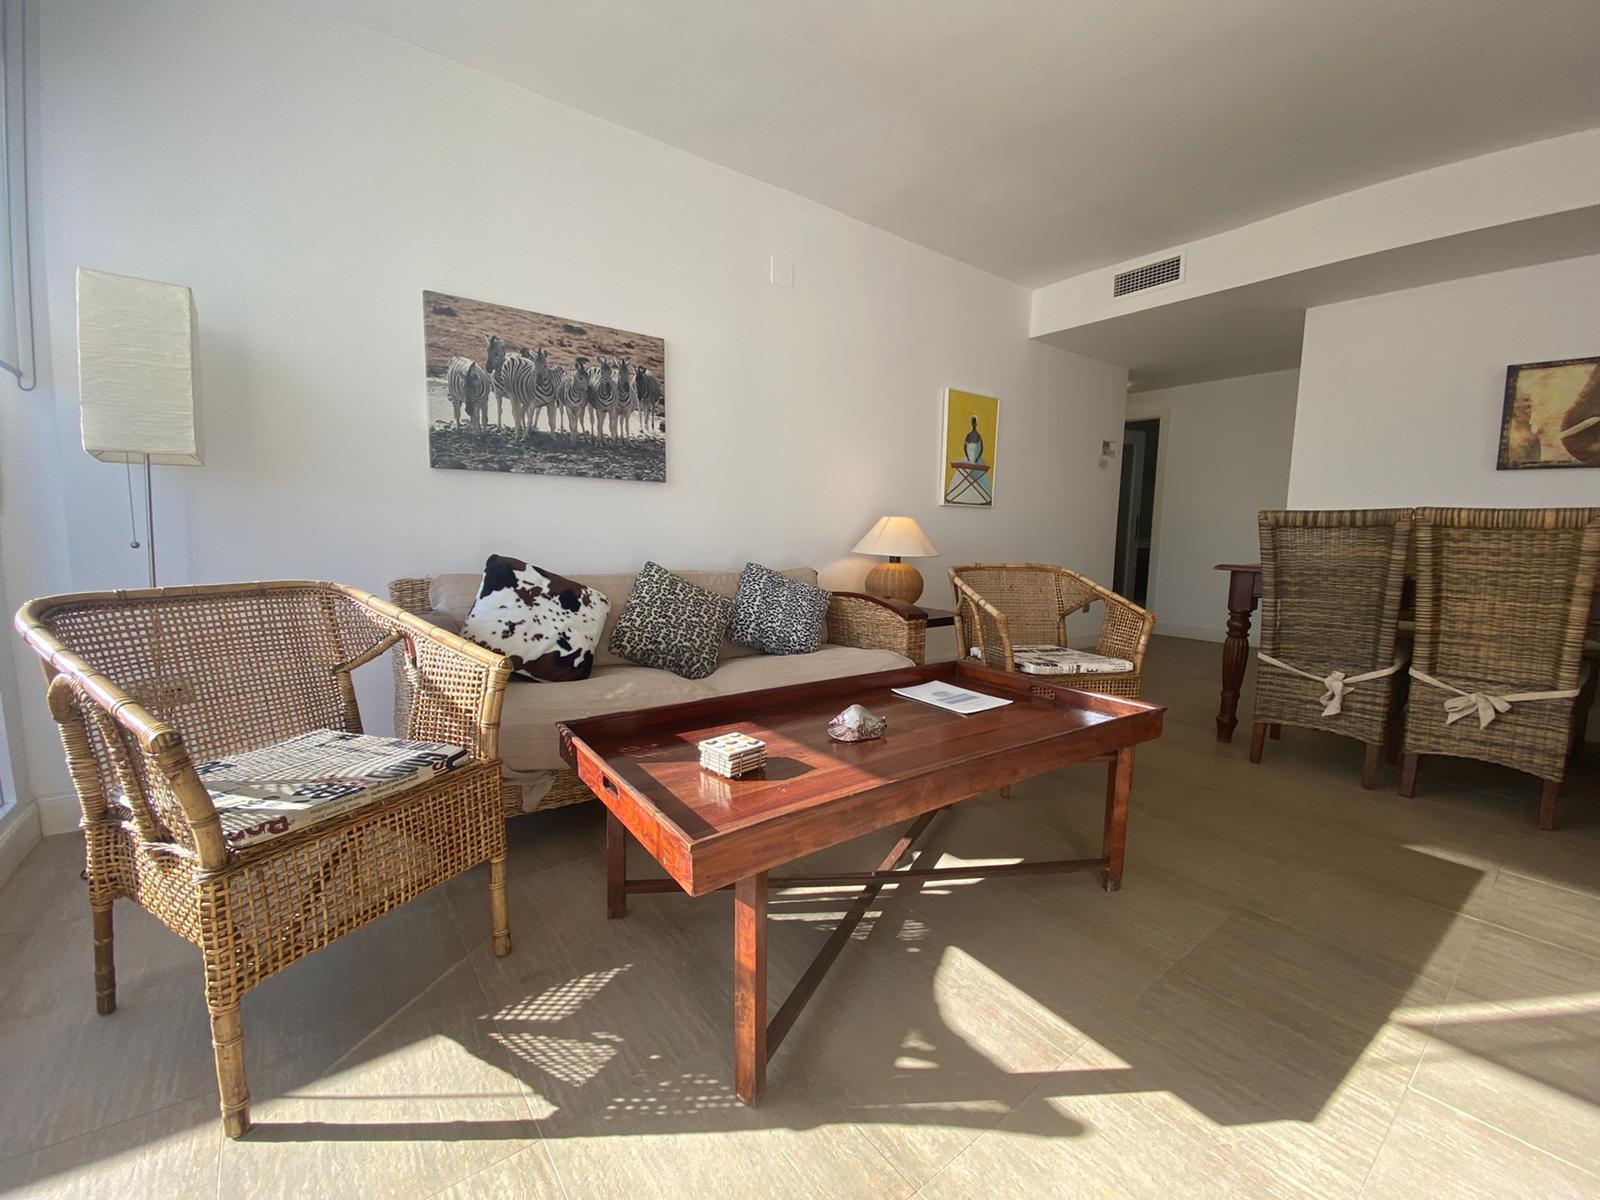 Imagen 21 del Apartamento Turístico, Ático 1 Levante (3d+2b), Punta del Moral (HUELVA), Paseo de la Cruz nº22